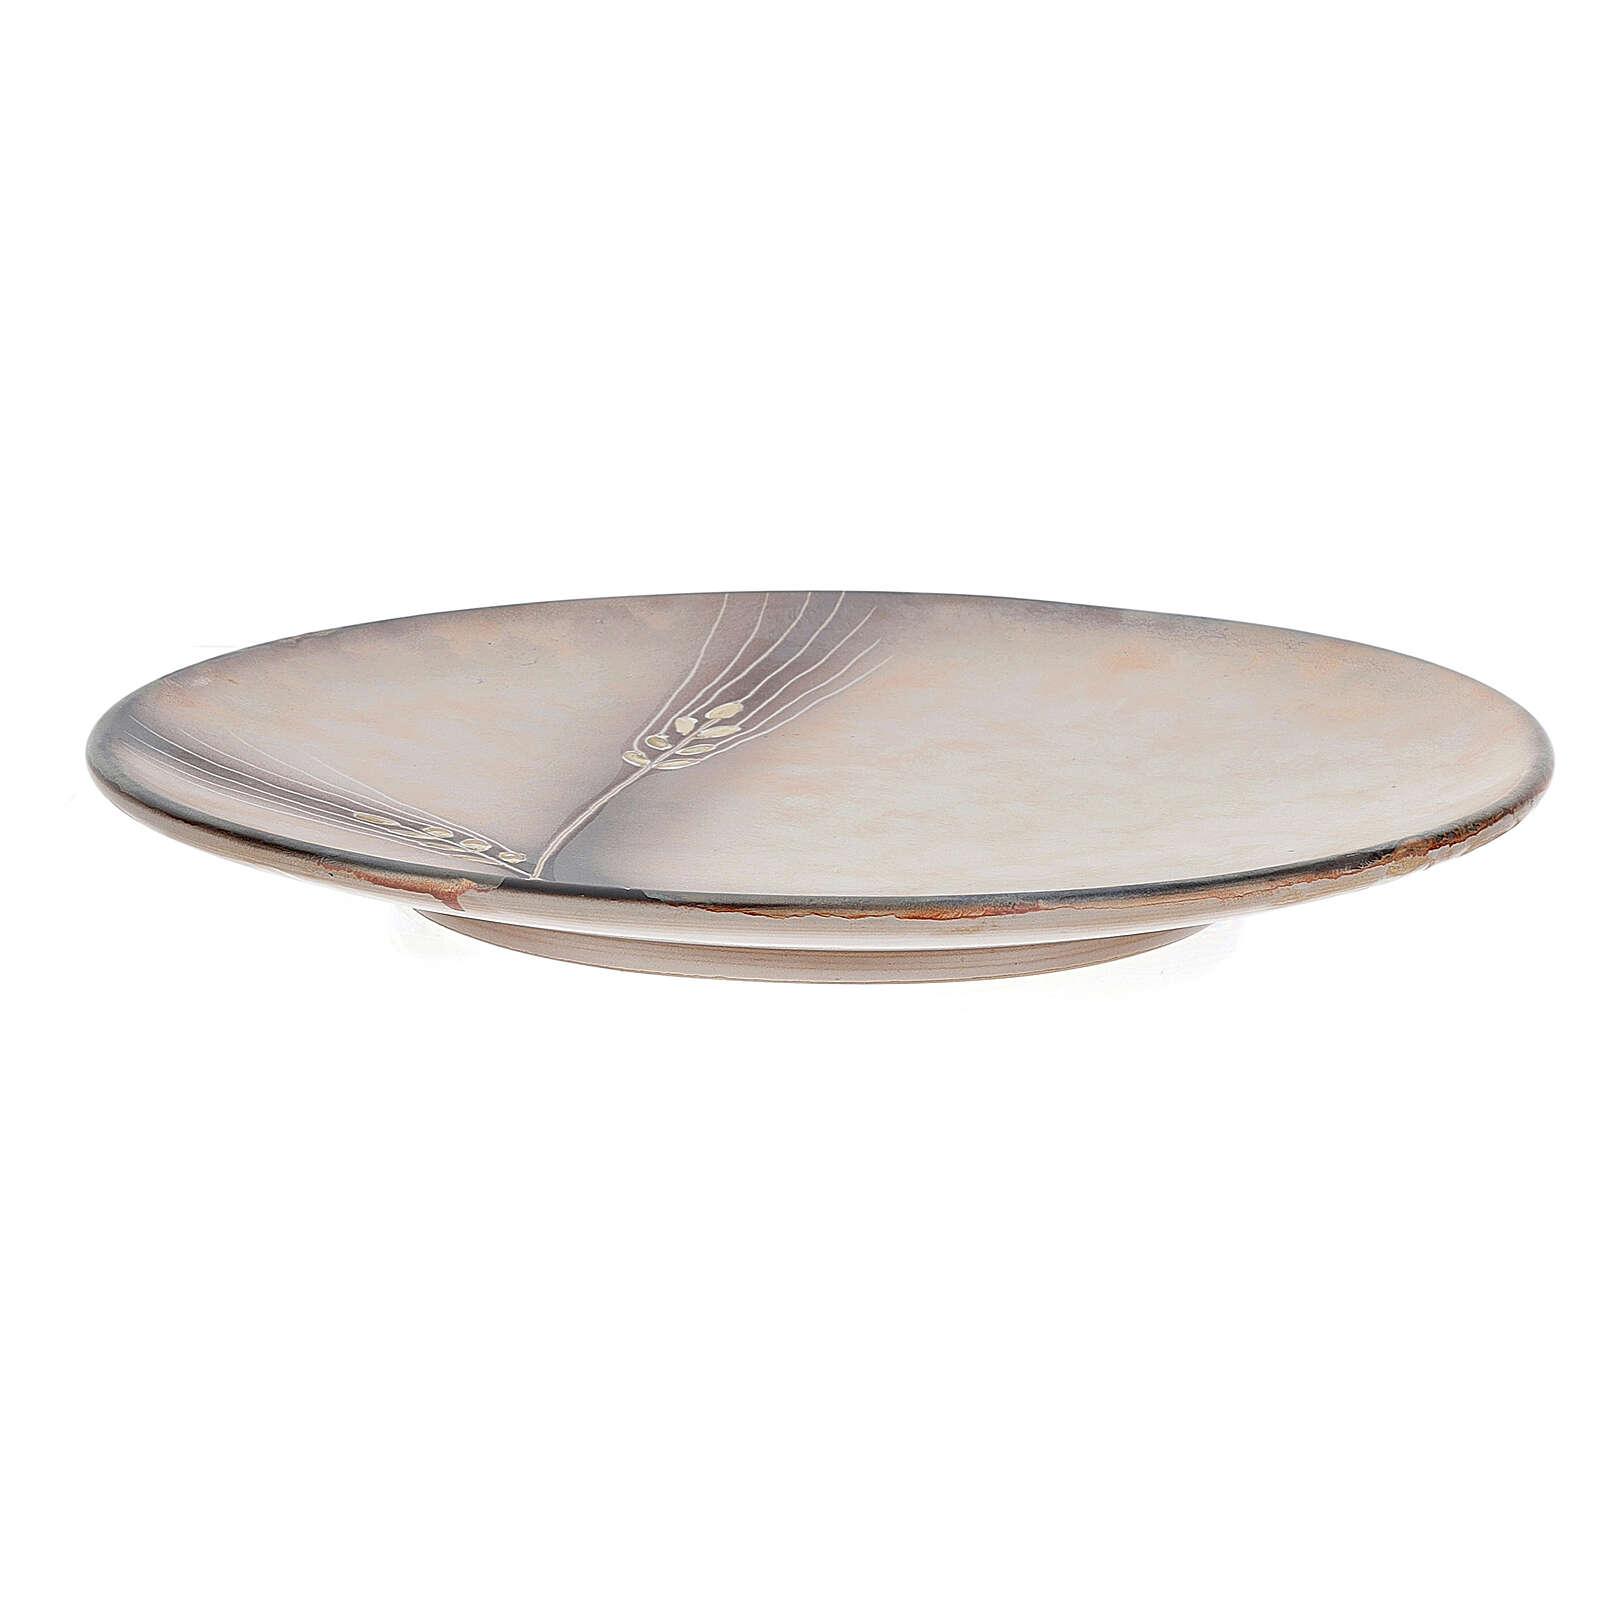 Basin for Pompei ceramic ewer, 25 cm 3